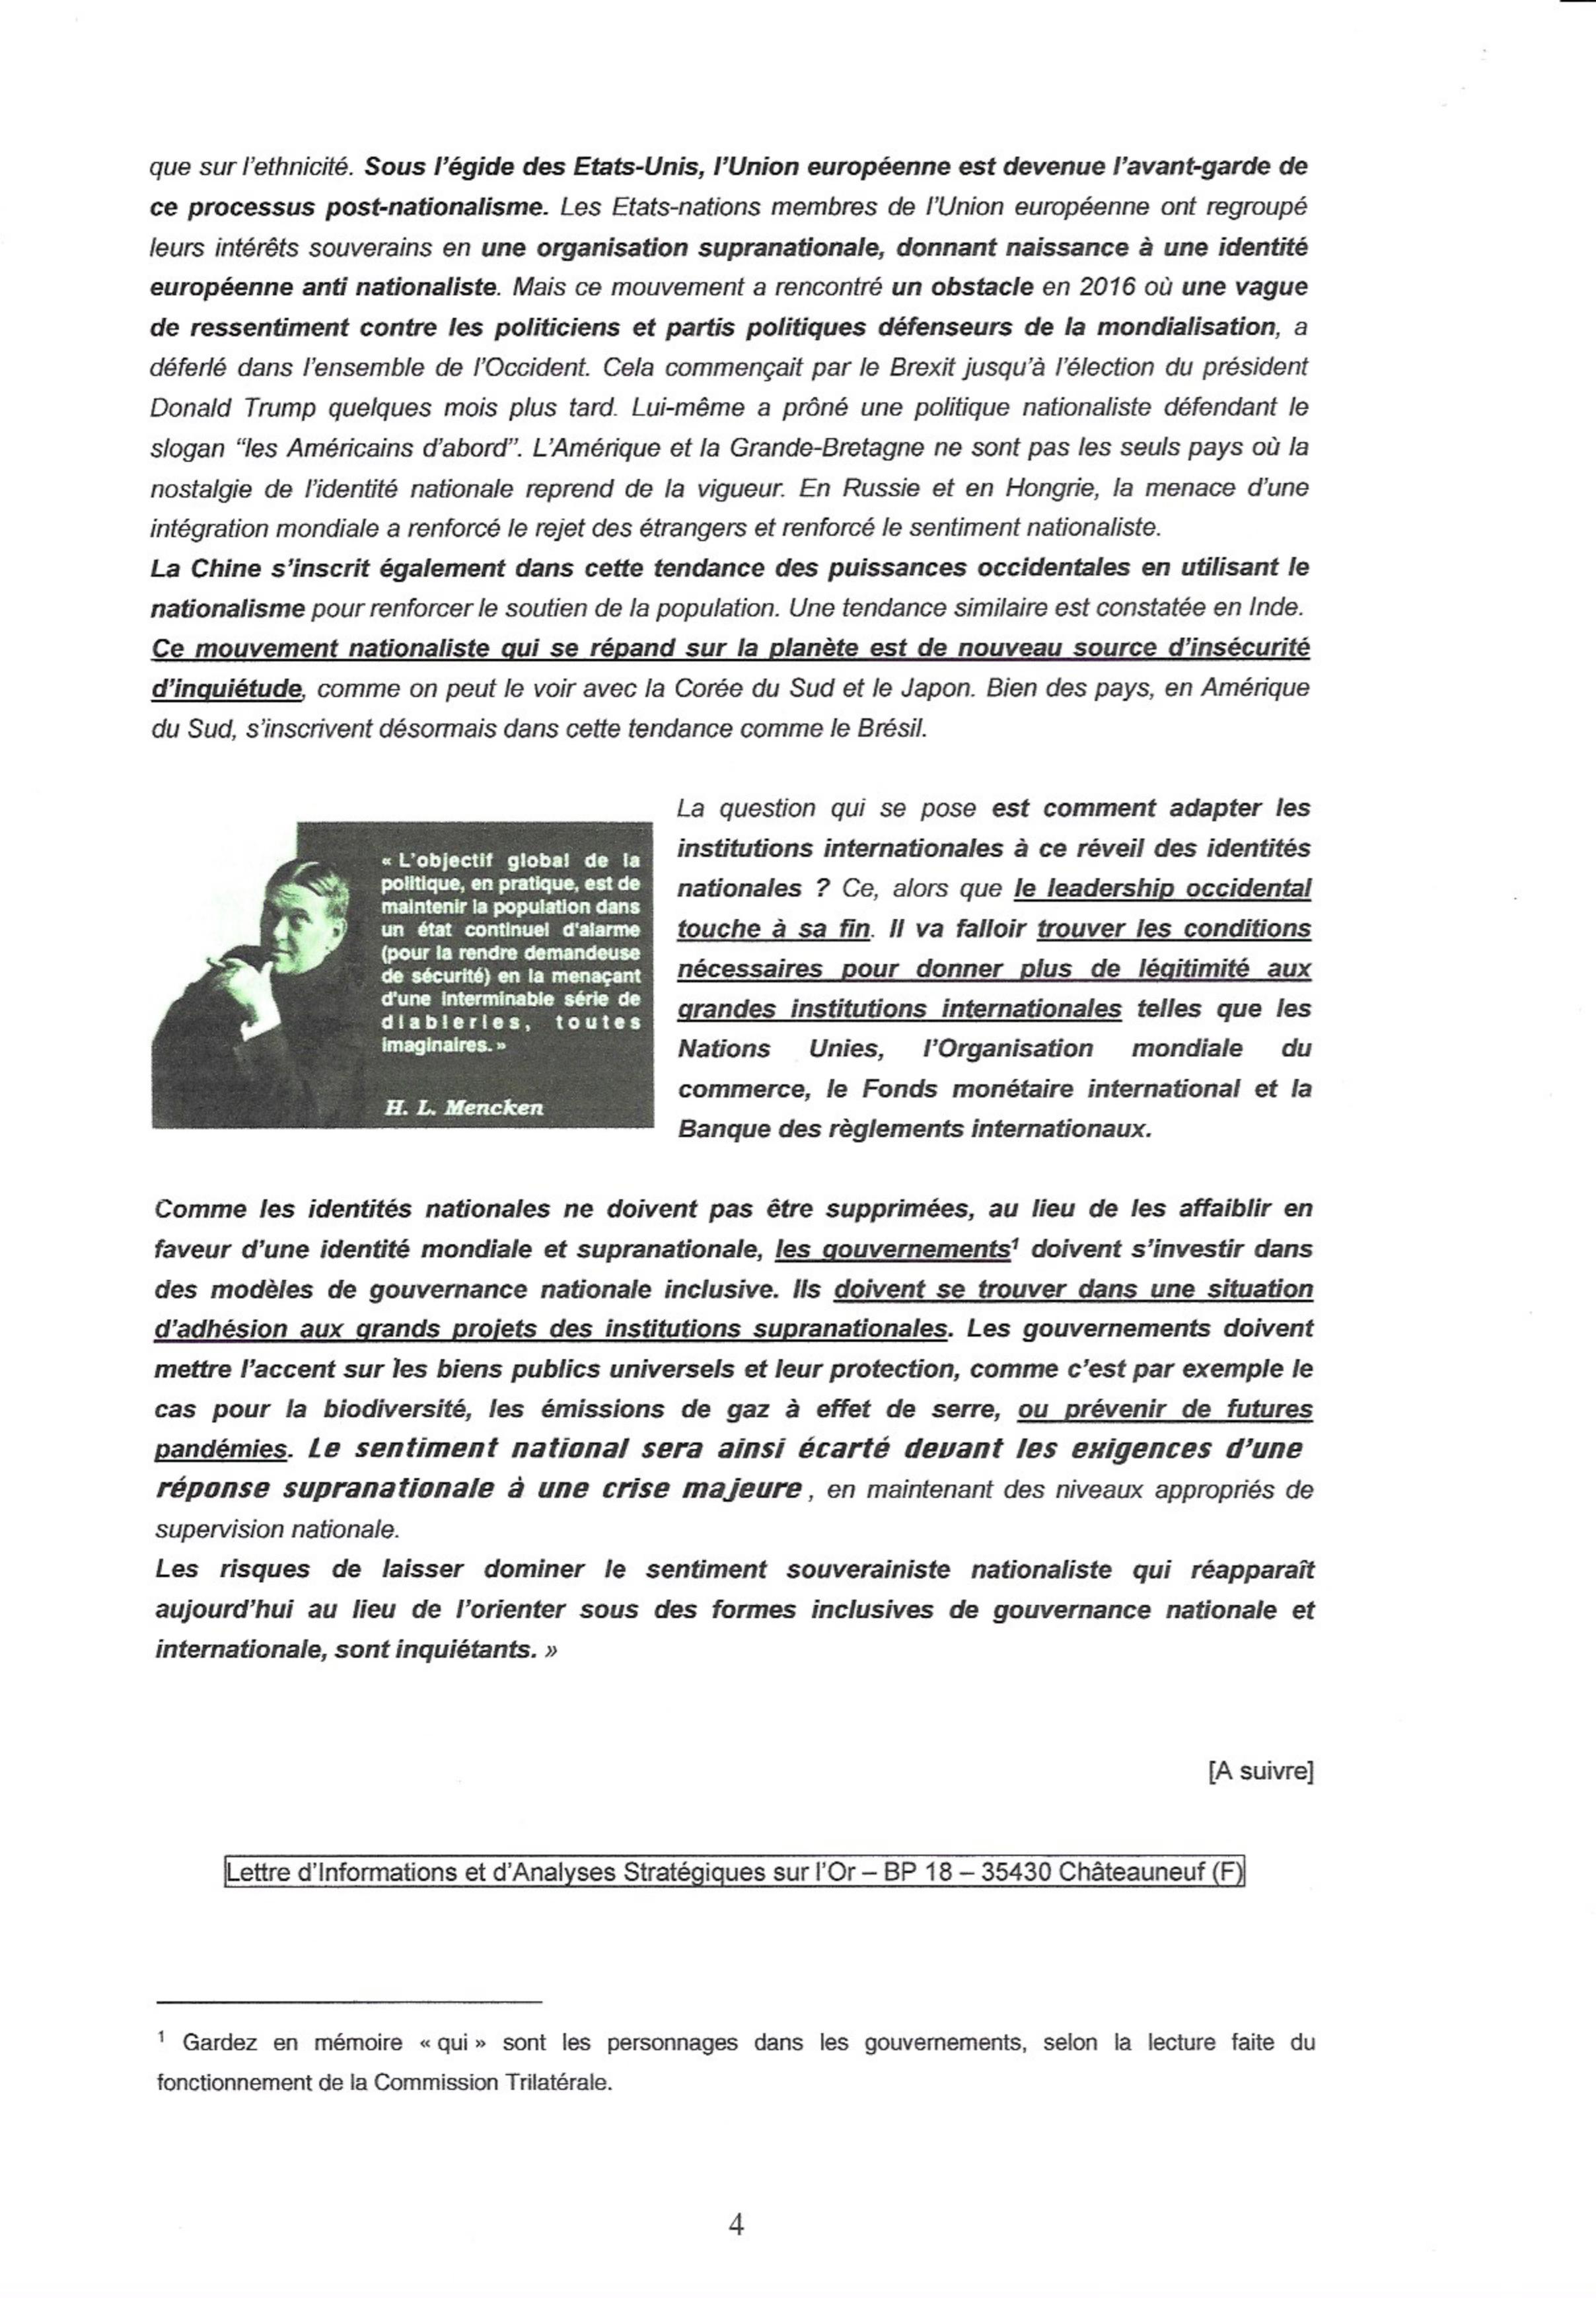 """Les étranges """"coïncidences"""" du Coronavirus : une arme qui tombe à pic dans l'agenda mondialiste... hasard ou calendrier occulte ? 000417"""